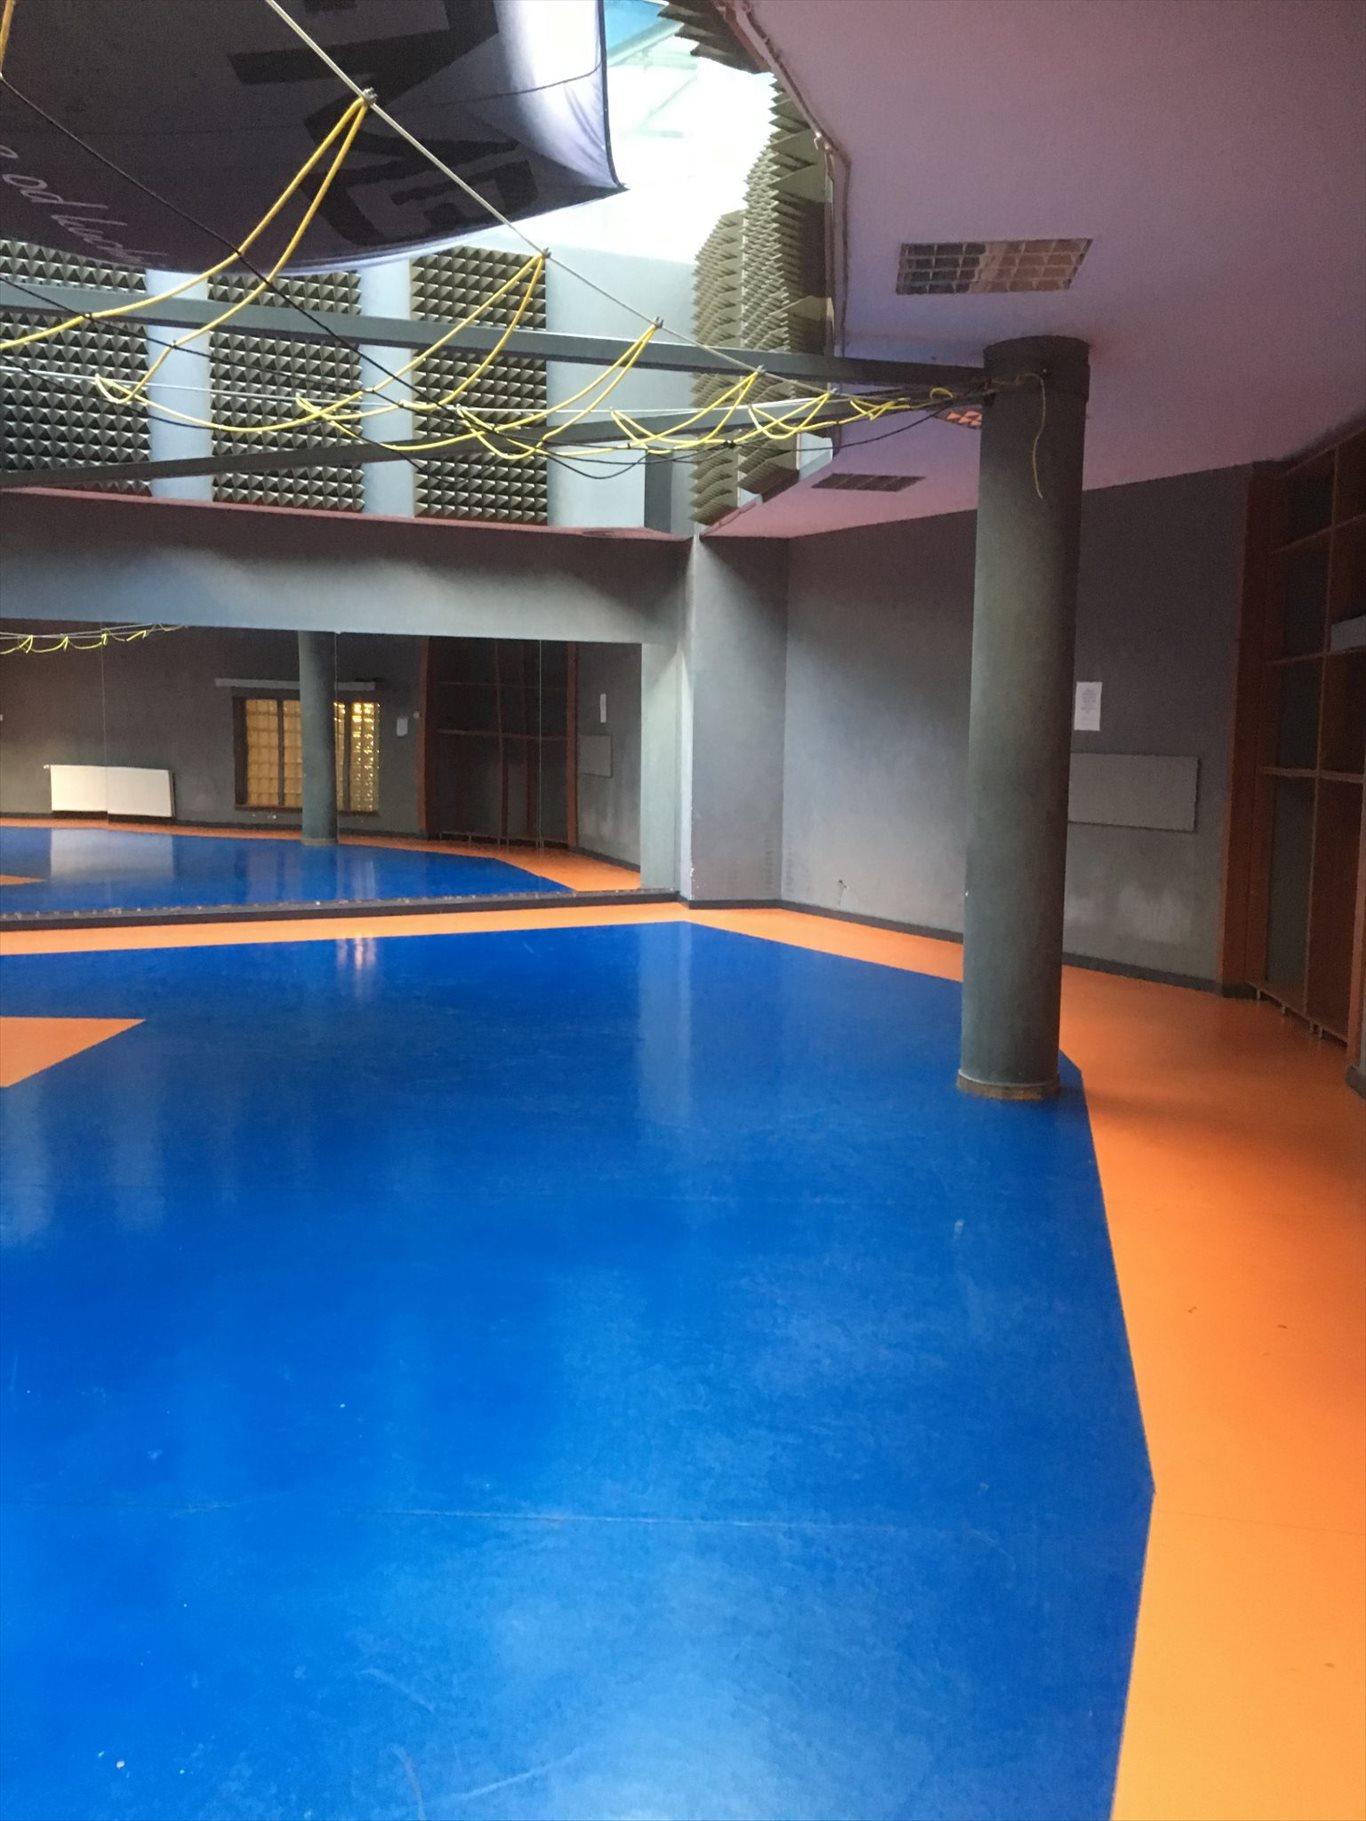 Lokal użytkowy na wynajem Kielce, Centrum, Paderewskiego  Fitness !!!!  461m2 Foto 3